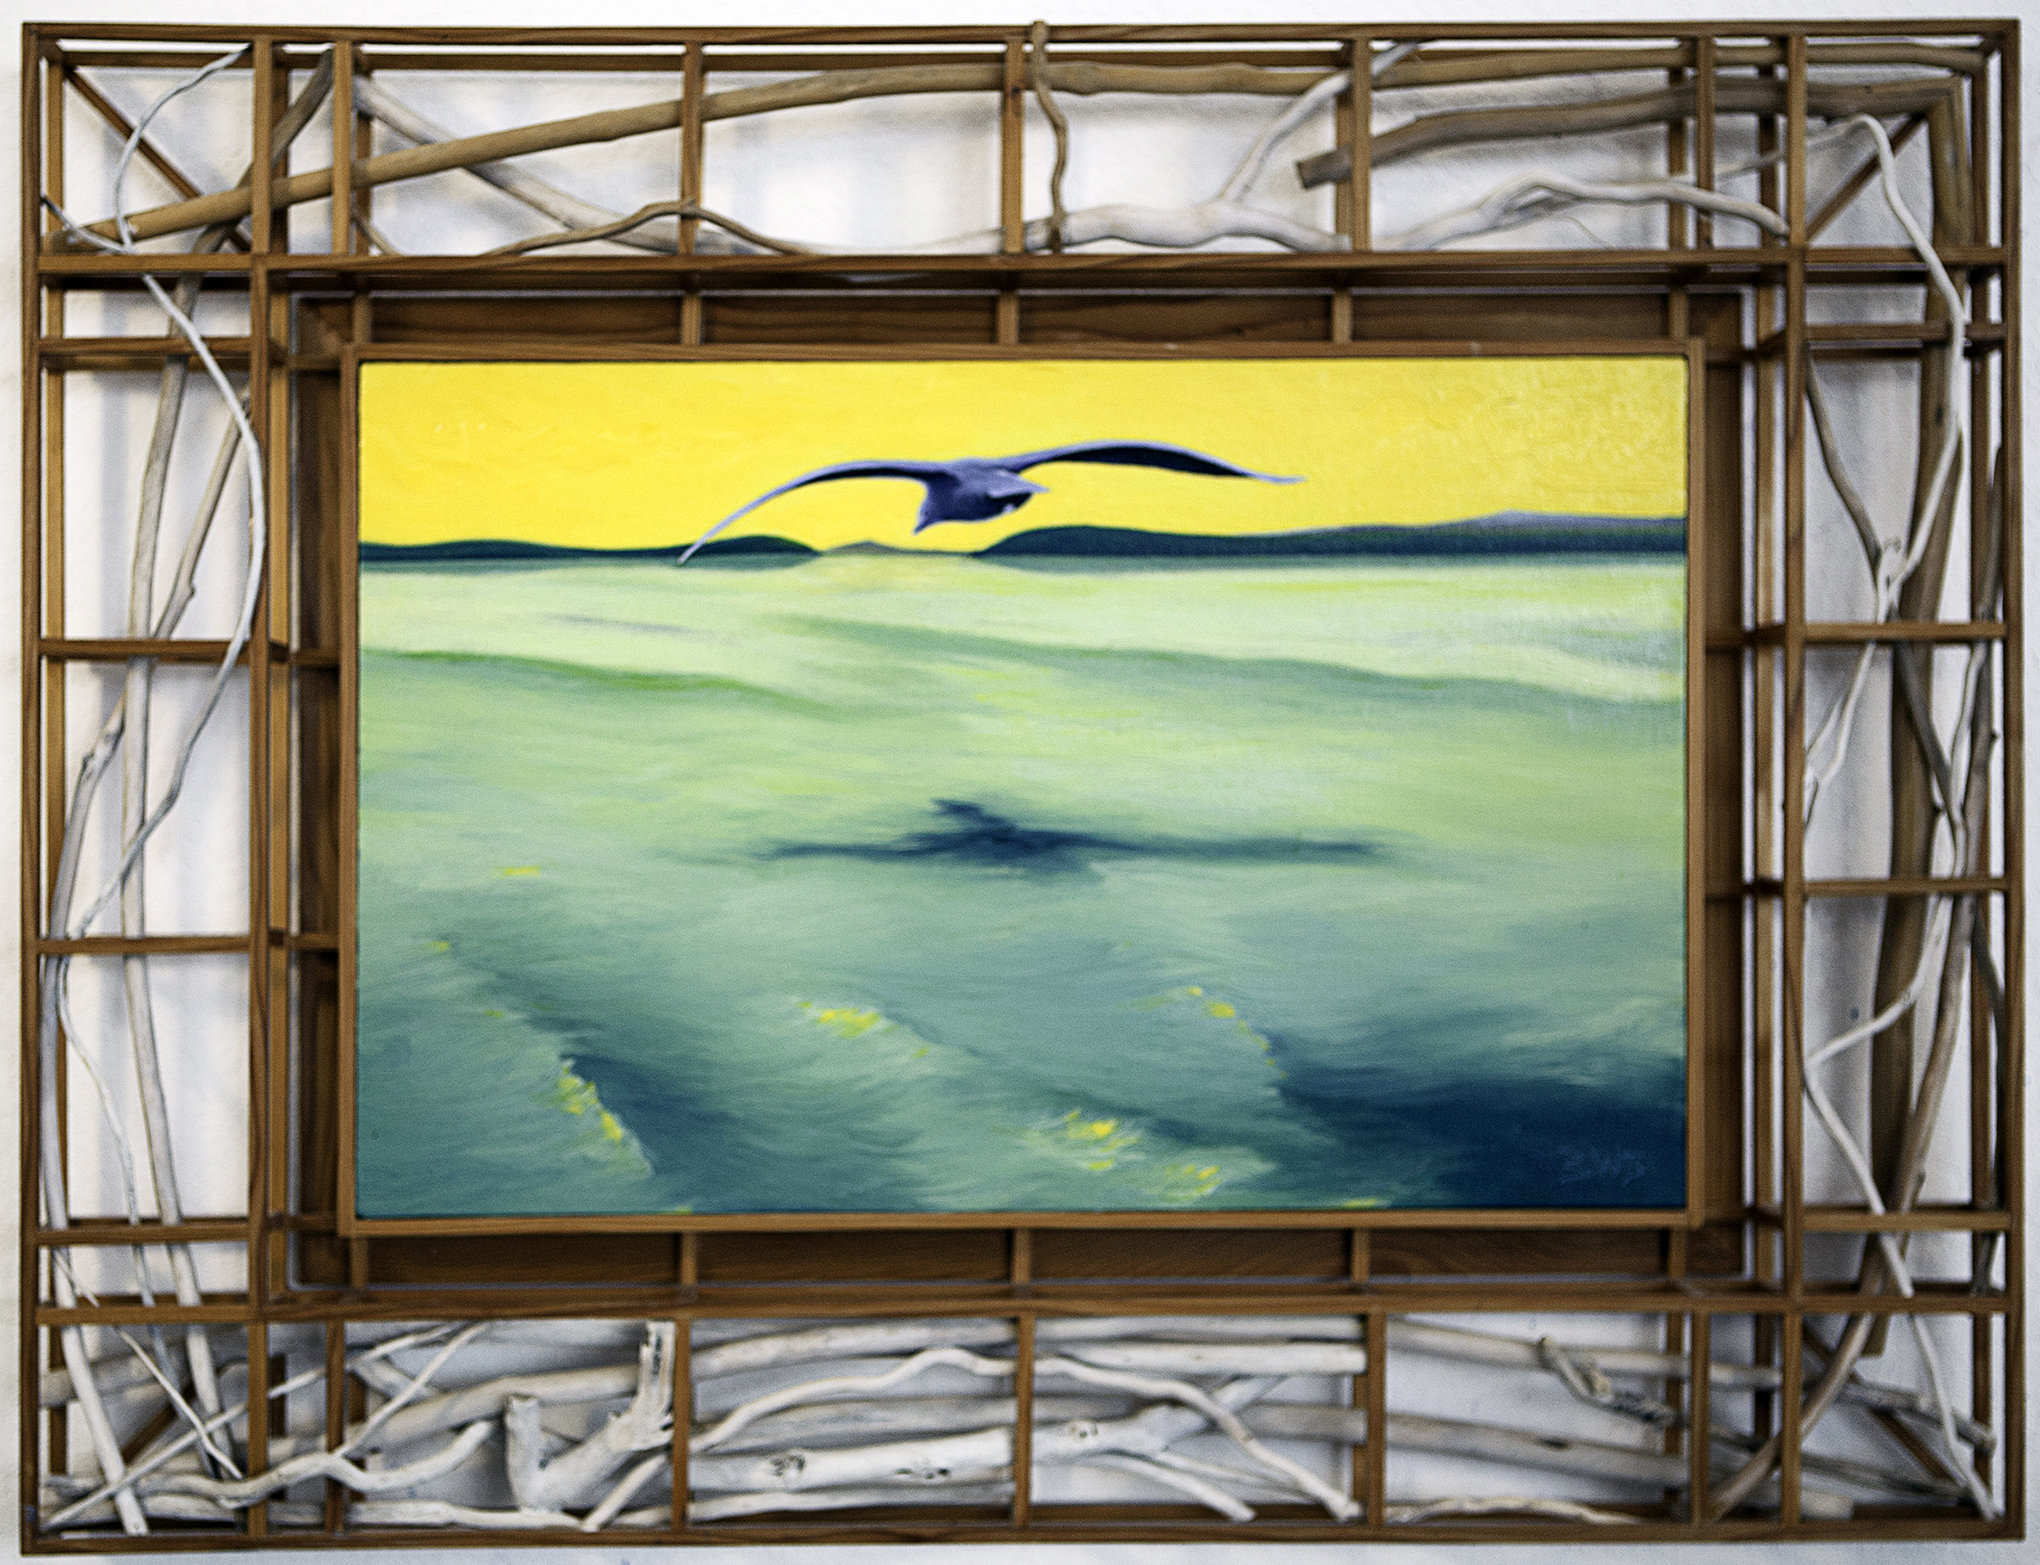 Gull off San Juan Island artwork by Barry Scharf - art listed for sale on Artplode